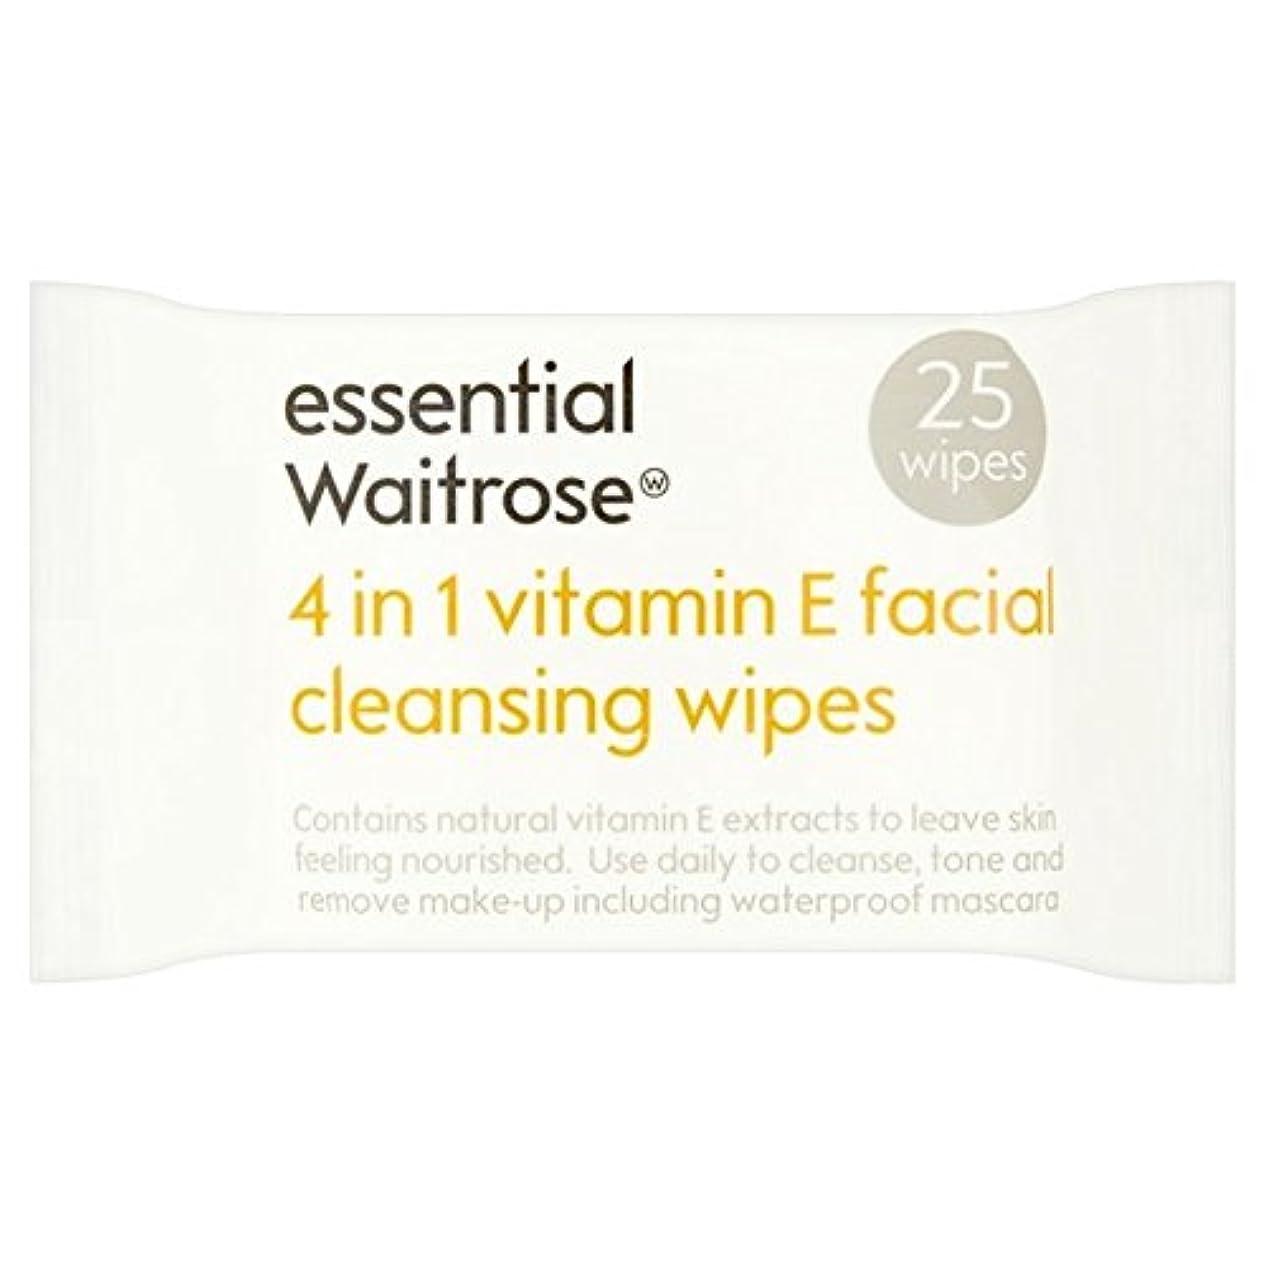 永遠の足枷リラックスしたEssential 4 in 1 Cleansing Wipes Vitamin E Waitrose 25 per pack - 1つのクレンジングで4不可欠パックあたりのビタミンウェイトローズ25ワイプ [並行輸入品]